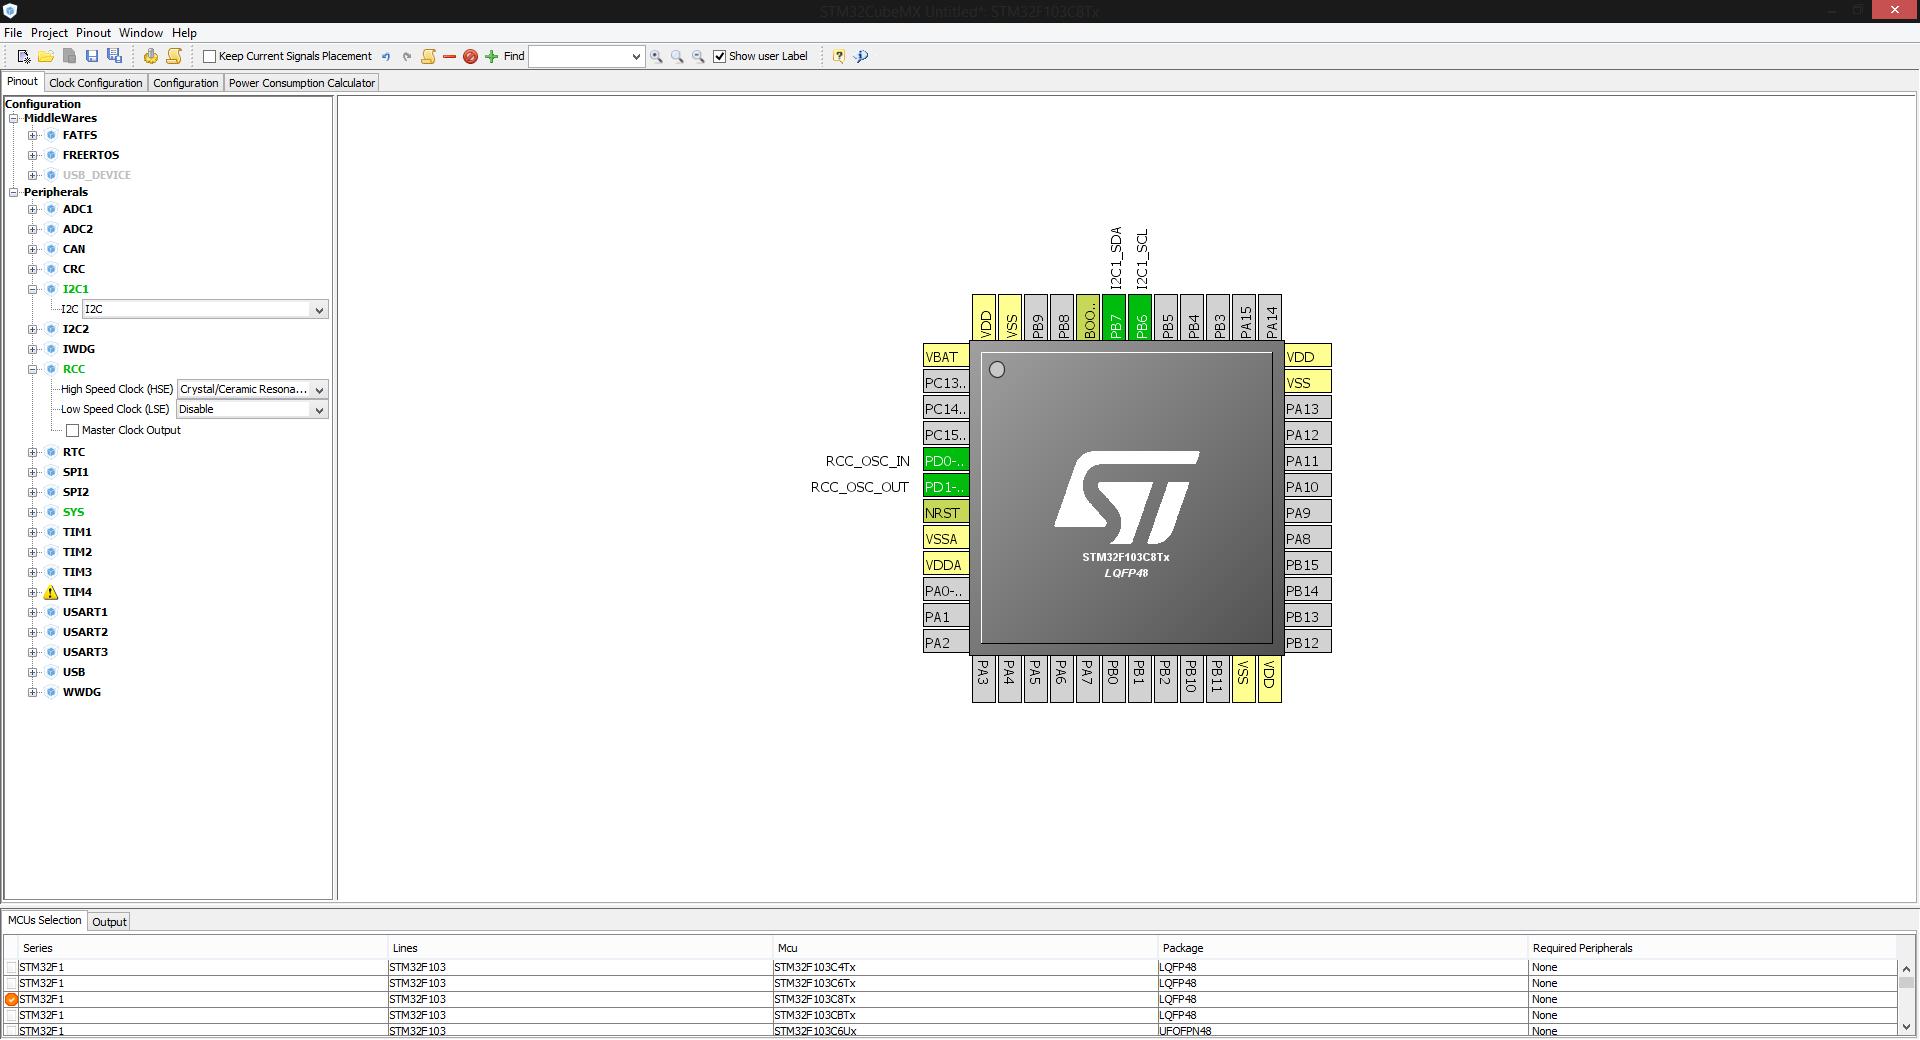 Блиблиотека OLED дисплея SSD1306 для STM32 микроконтроллеров